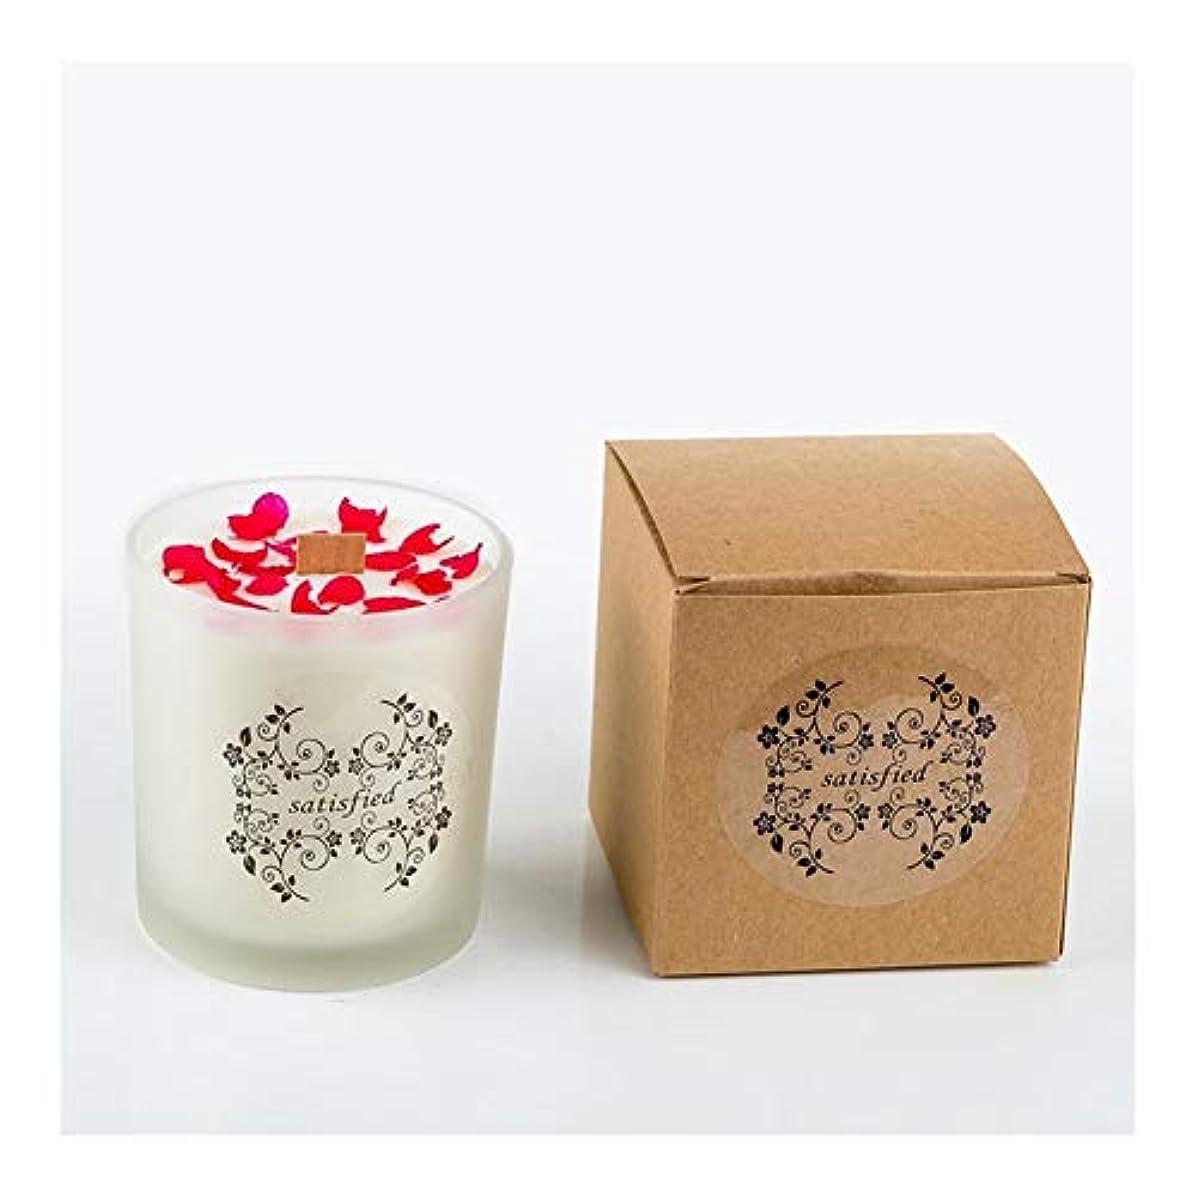 ルーチン期限ステンレスGuomao ロマンチックな香りのキャンドルエッセンシャルオイル大豆ワックスガラスアロマセラピーロマンチックな誕生日ギフトの提案無煙の香り (色 : Blackberries)